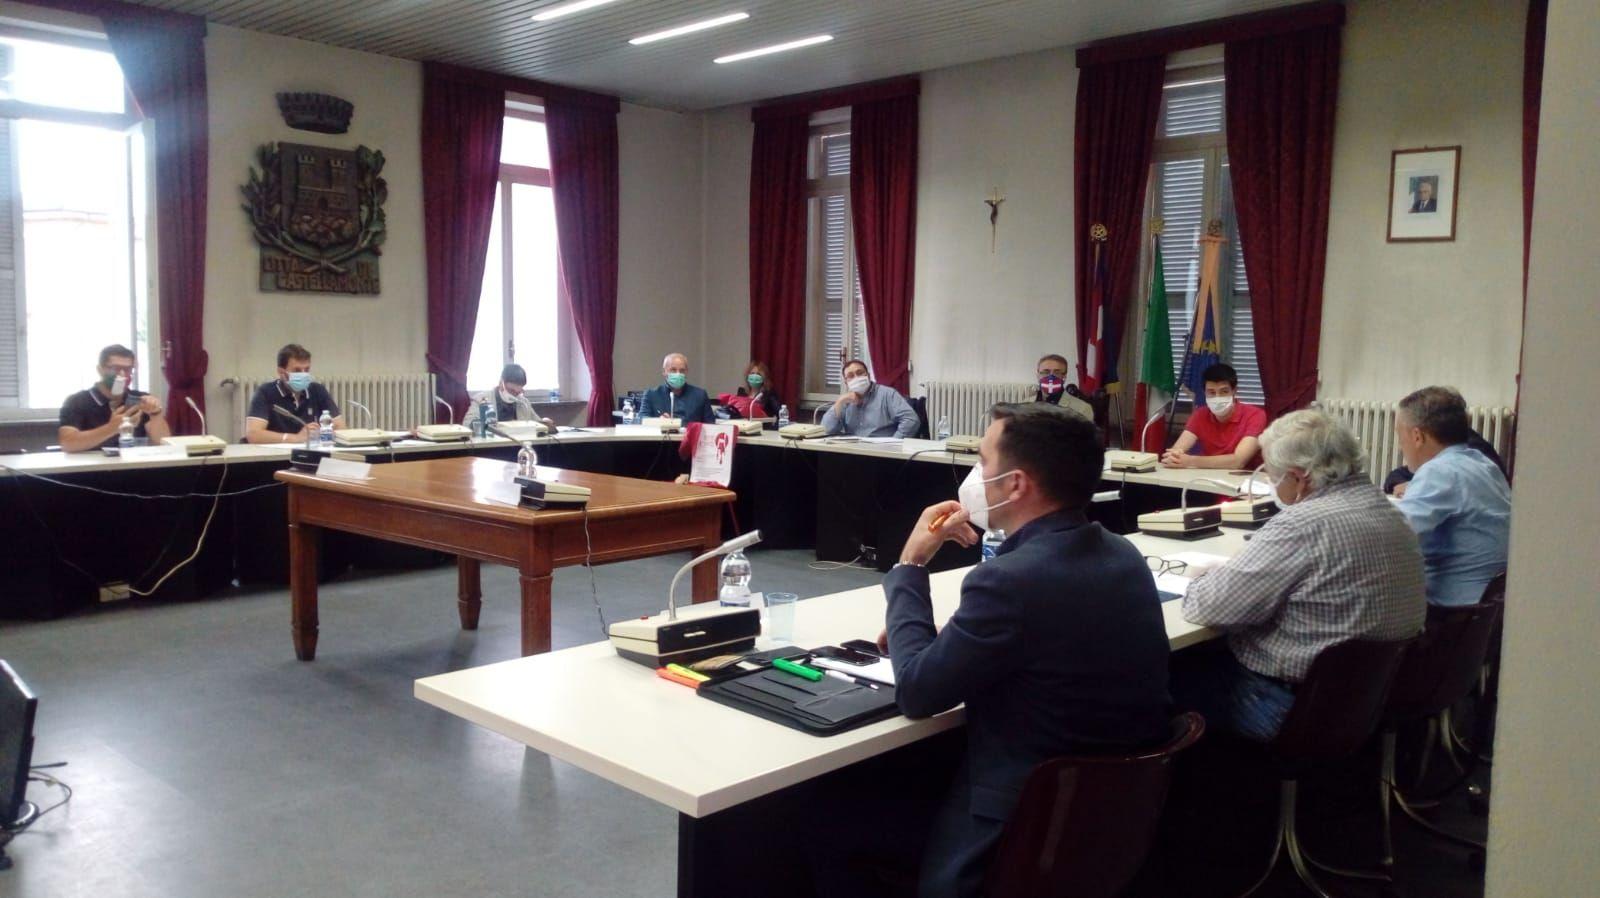 CASTELLAMONTE - Sindaco Mazza senza maggioranza: non passa il bilancio. Si va verso il commissariamento?